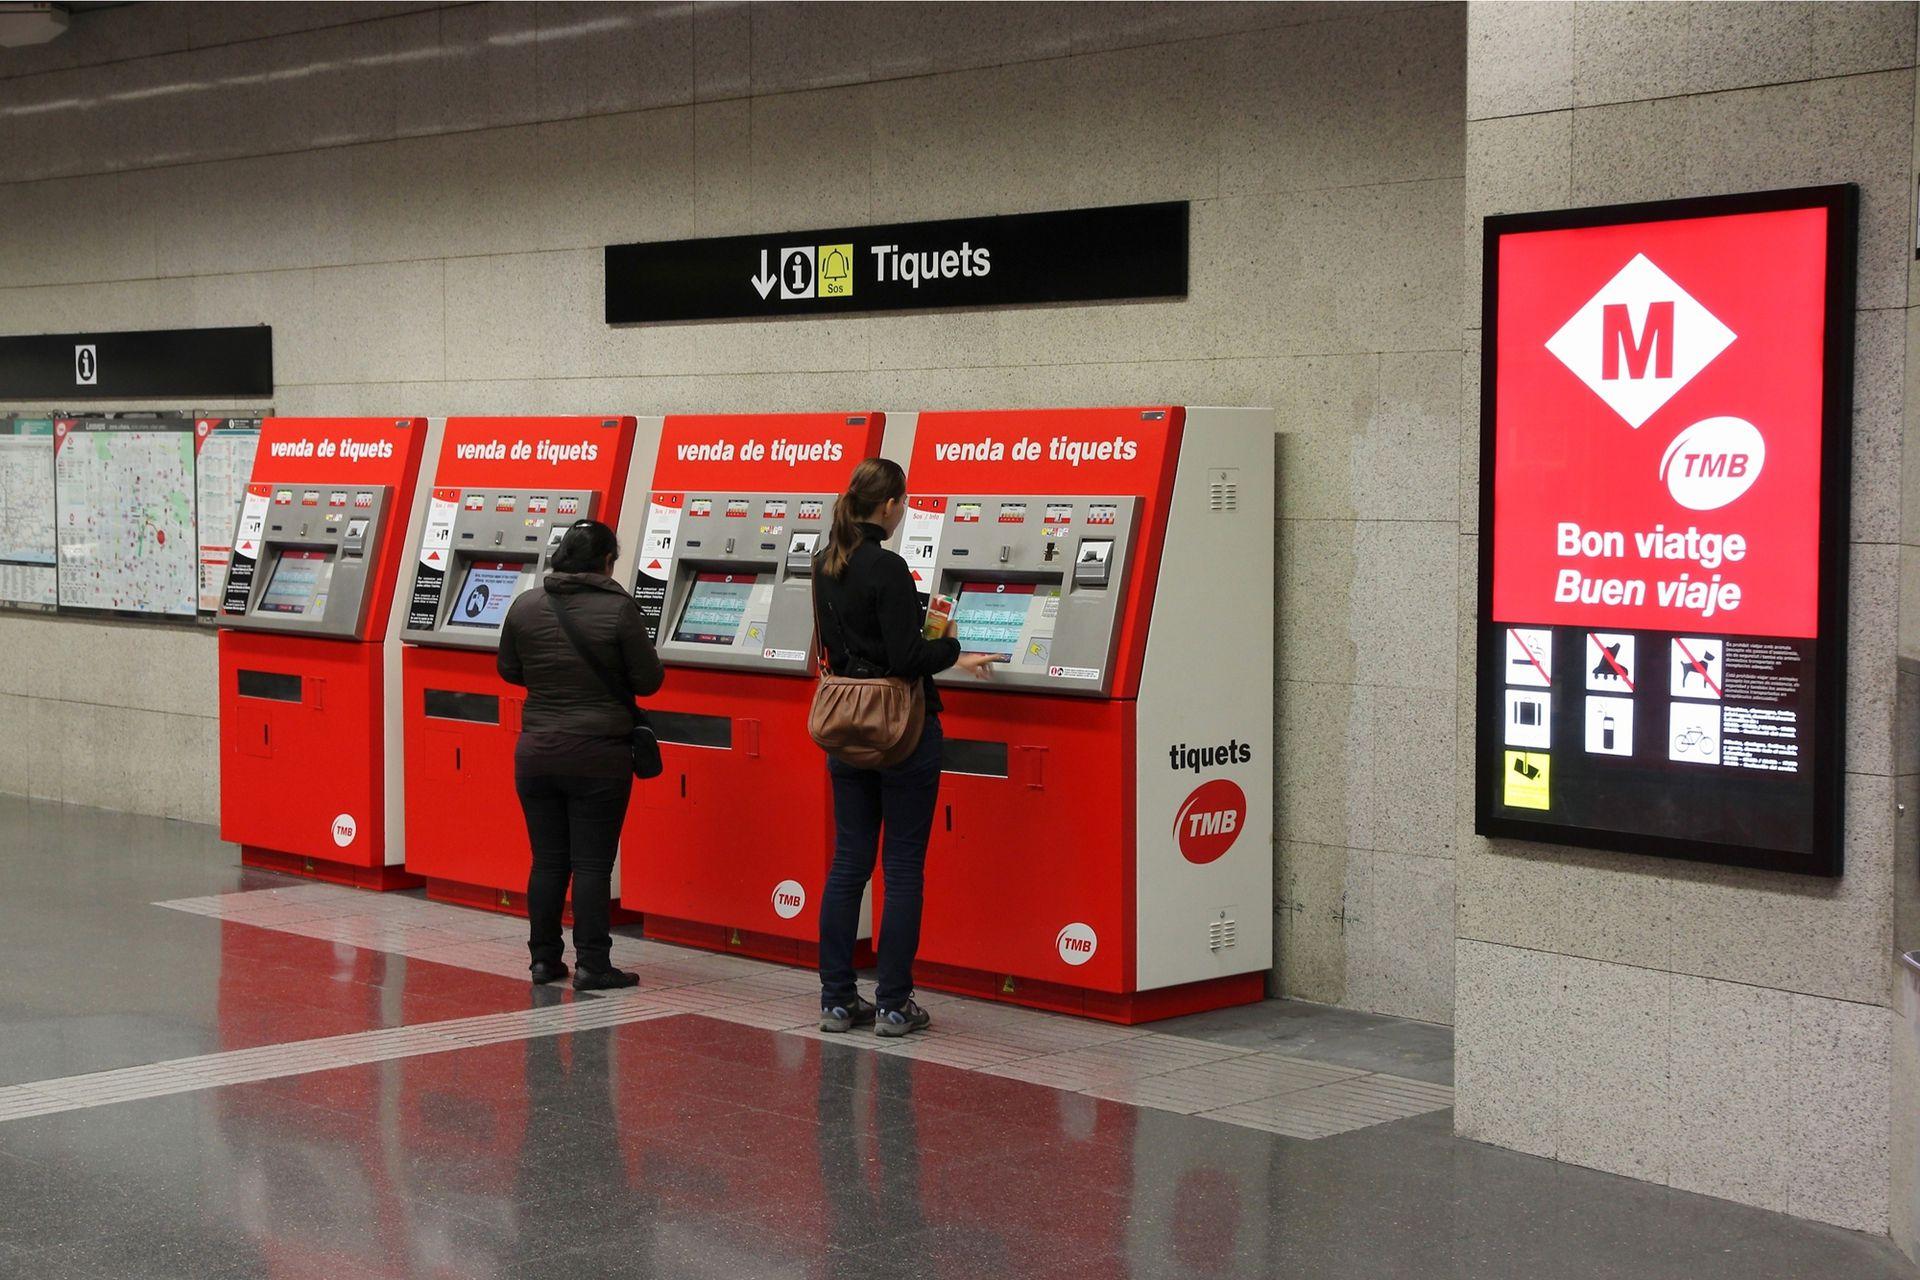 El metro es la mejor alternativa para trasladarse por la ciudad, incluso desde el aeropuerto, por pocos euros